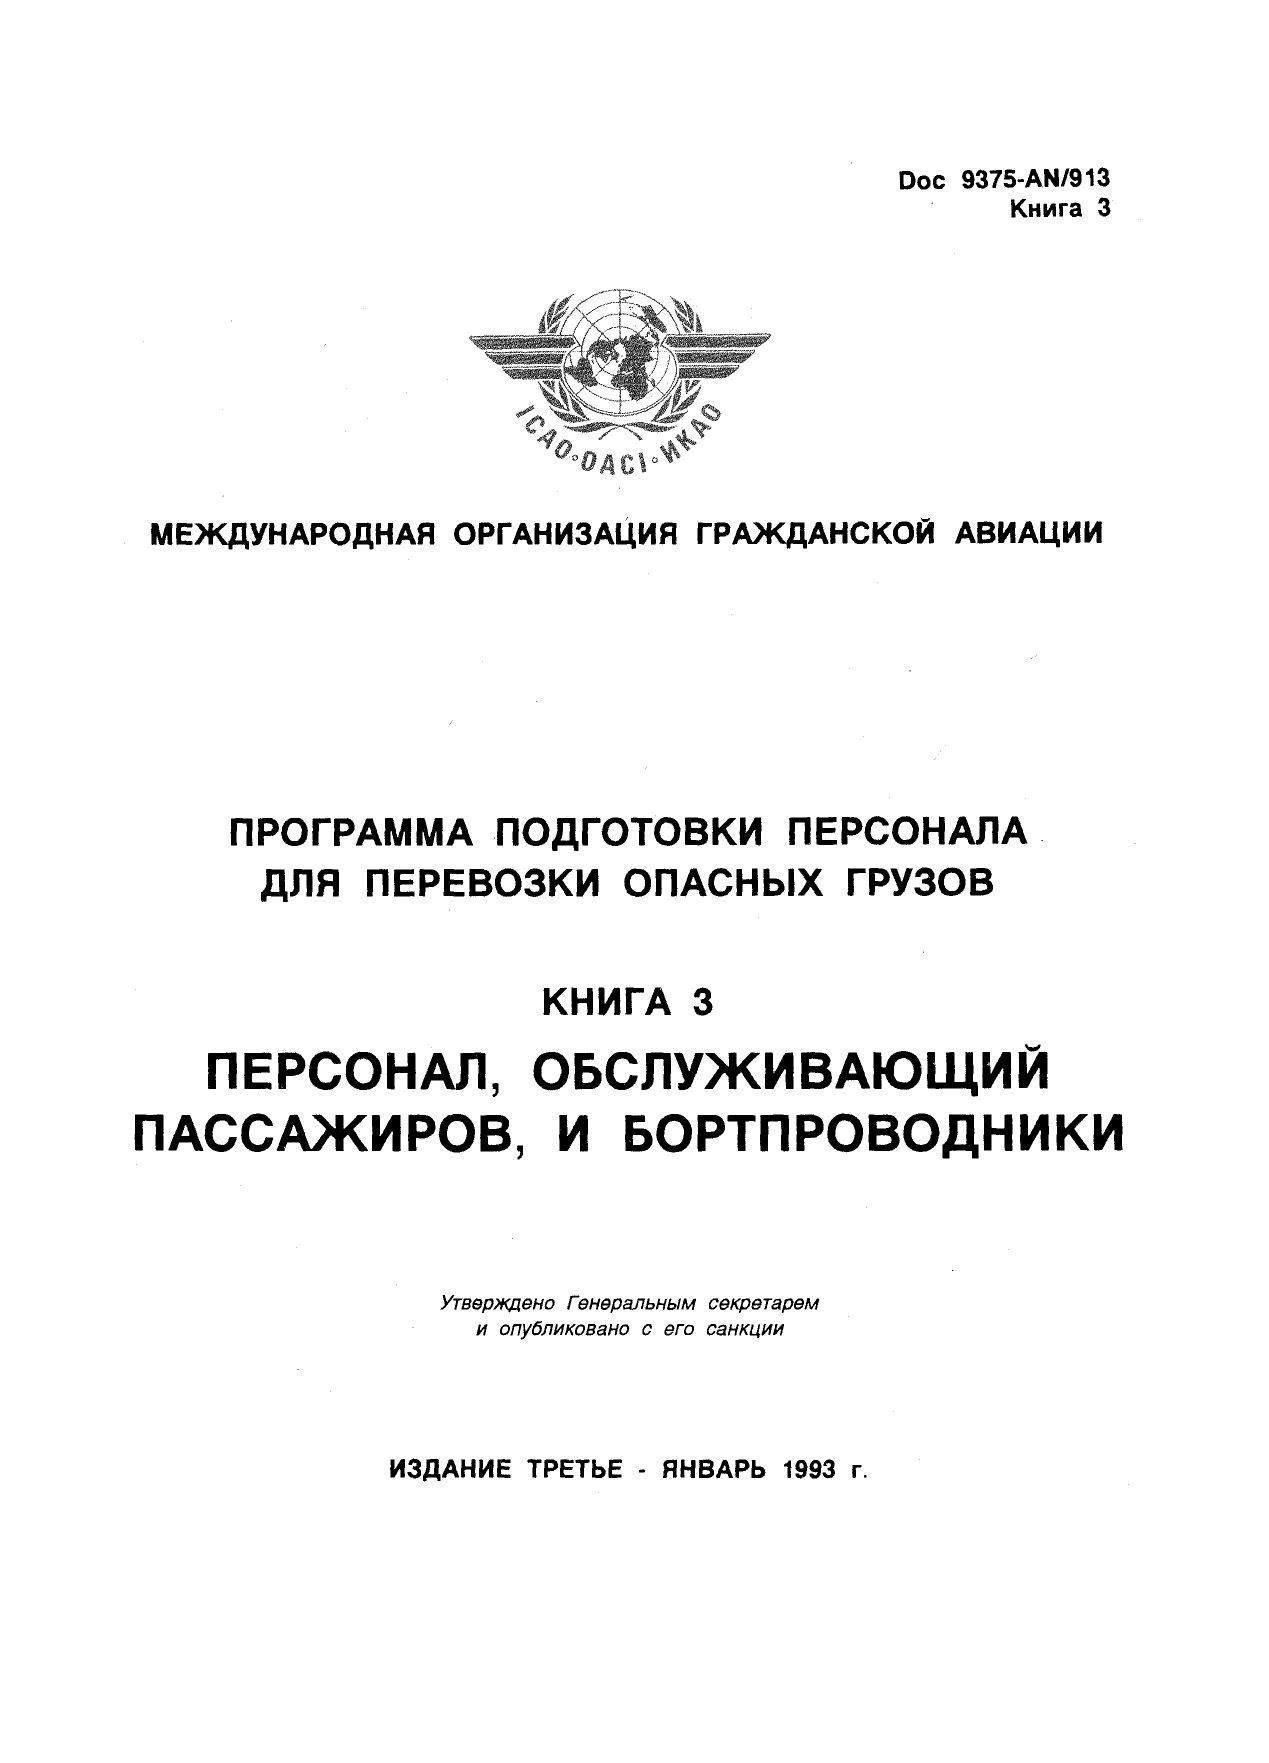 Обложка книги ICAO Doc 9375 Программа подготовки персонала для перевозки опасных грузов. Книга 3. Персонал, обслуживающий пассажиров, и бортпроводники. (ИКАО)